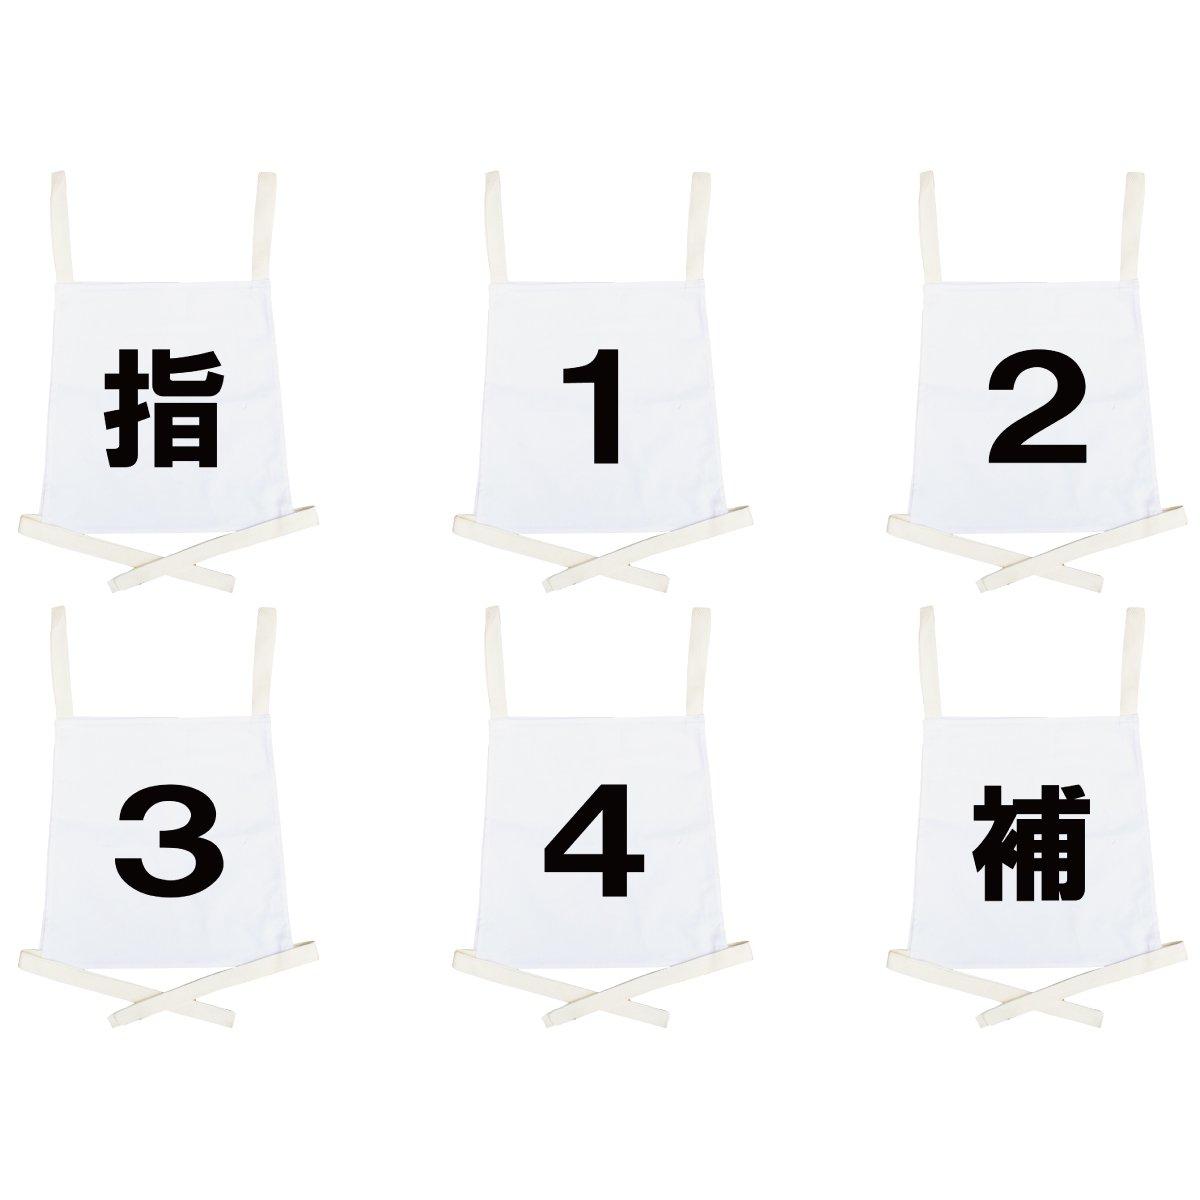 操法用ゼッケン 6枚セット【指・1・2・3・4・補】ホワイト (ポンプ車/小型ポンプ)